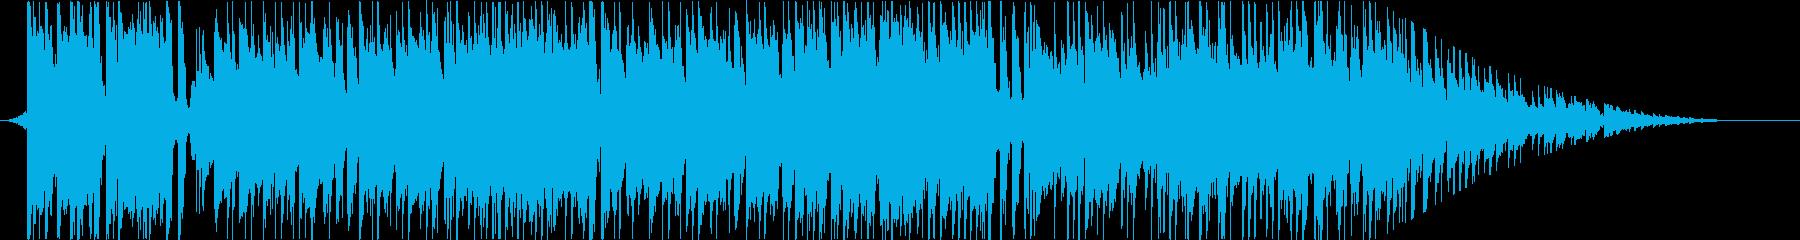 軽快なのに大人な雰囲気 フュージョンの再生済みの波形